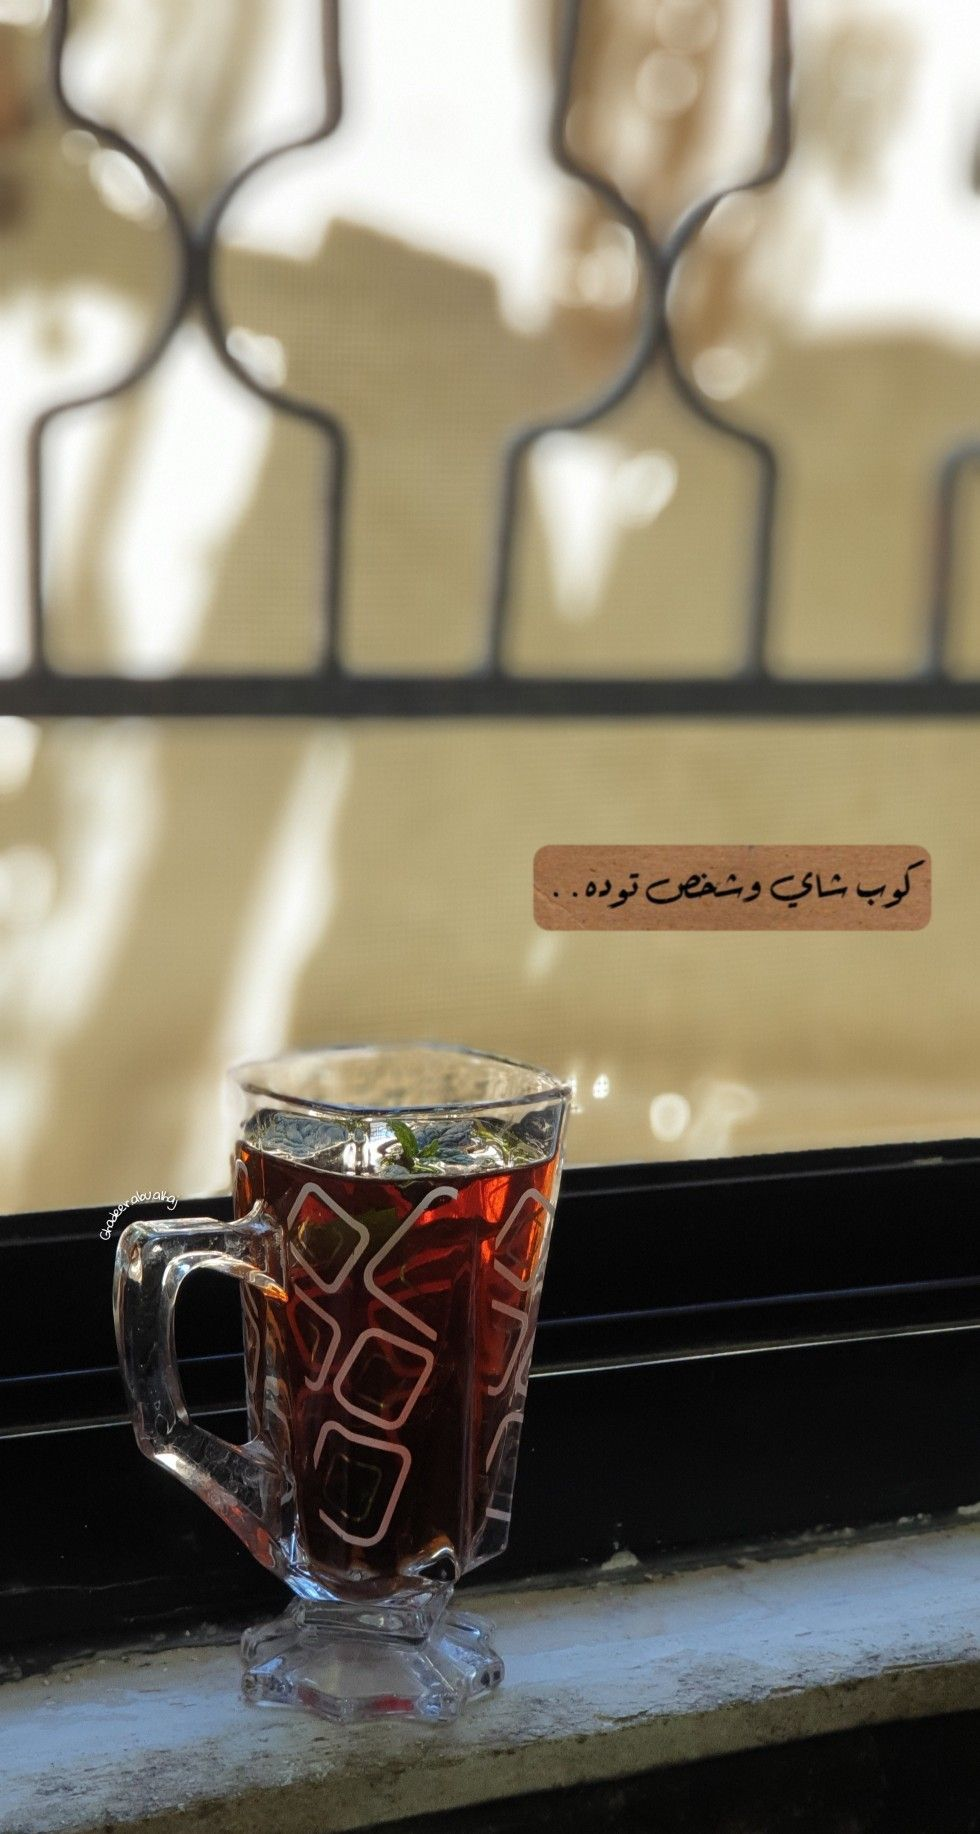 كوب شاي وشخص توده Photo And Video Instagram Photo Instagram